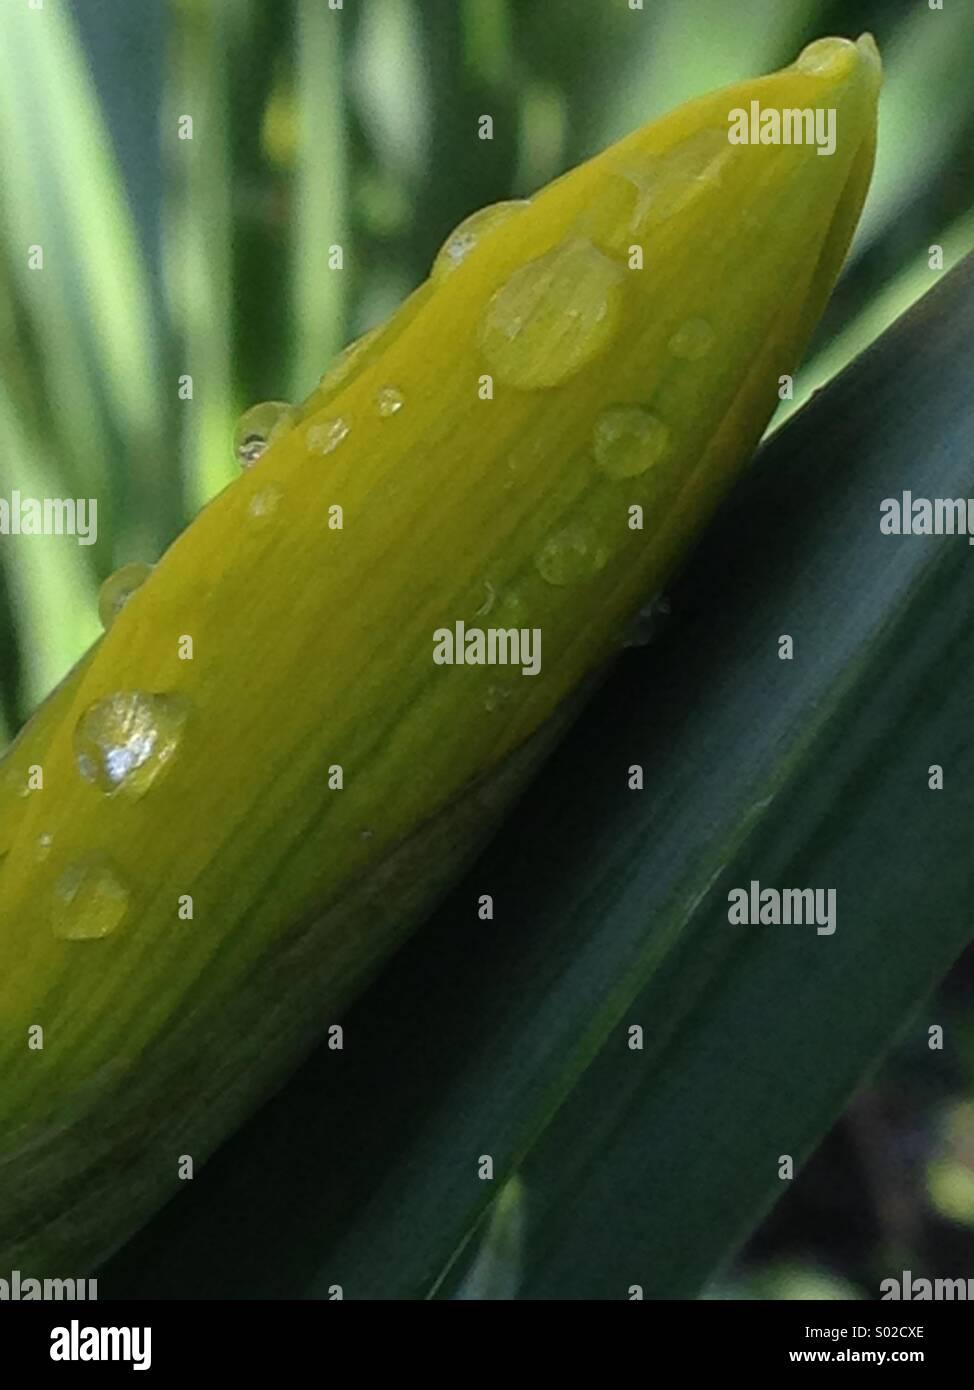 Jonquille fleur avec des feuilles vertes et des gouttelettes d'eau Photo Stock